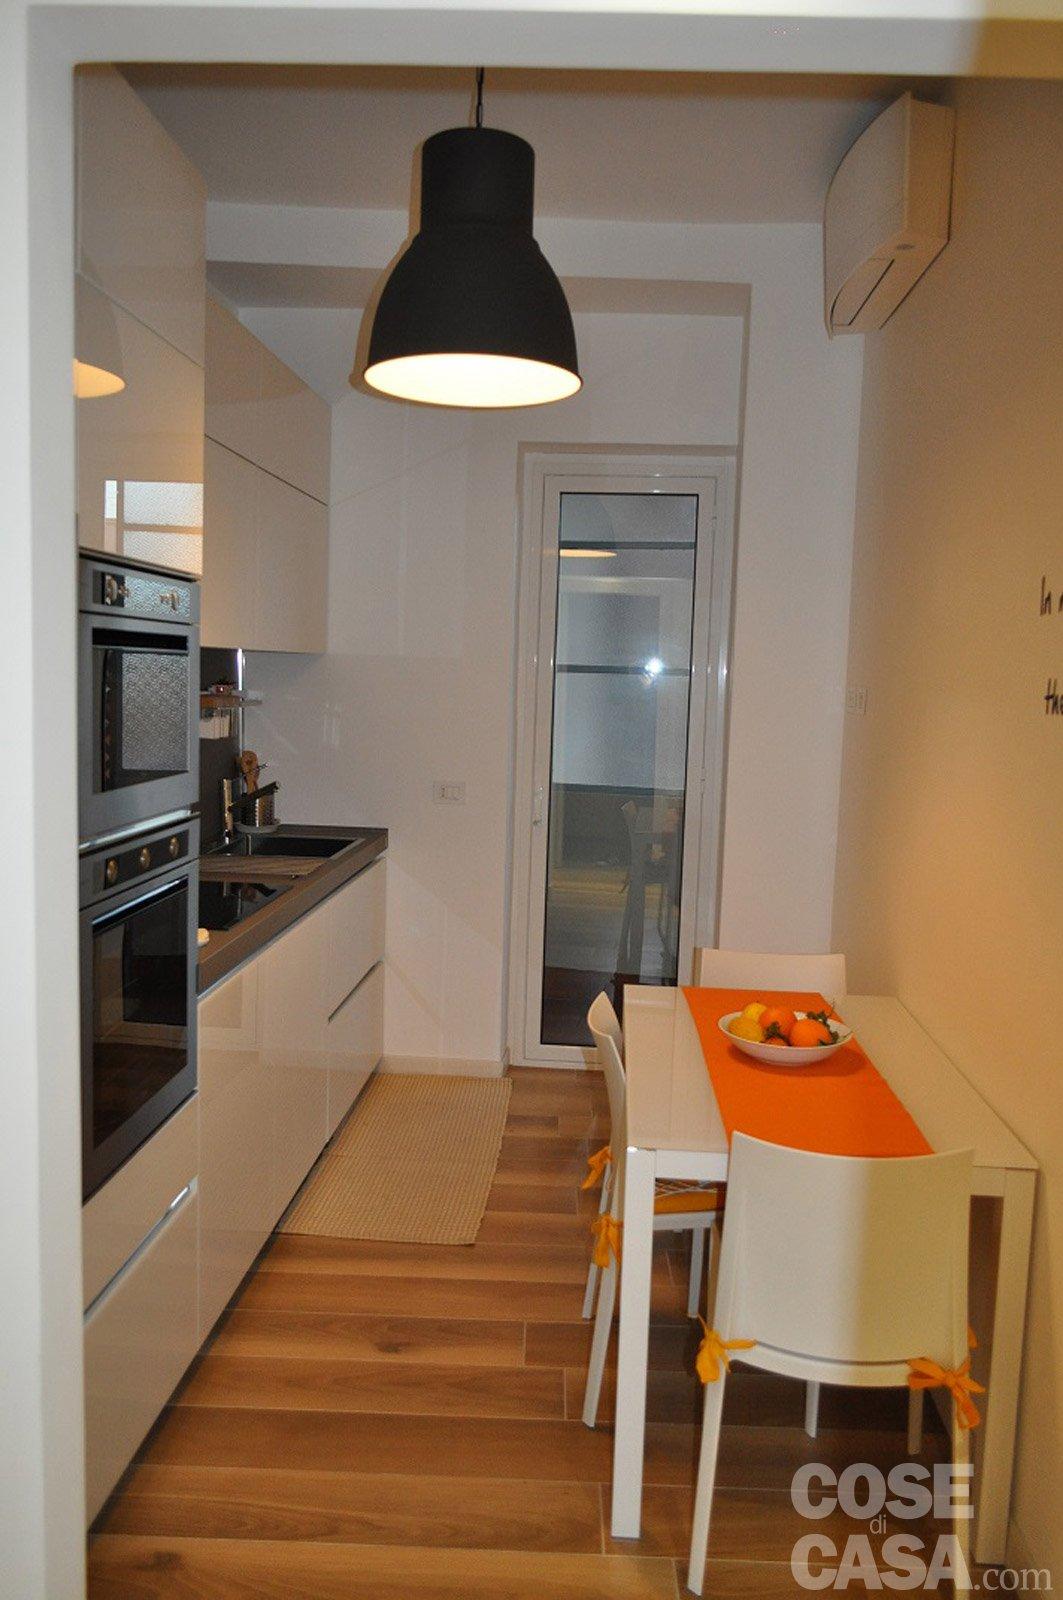 90 mq una casa da vivere in relax cose di casa - Termoarredo per bagno 6 mq ...